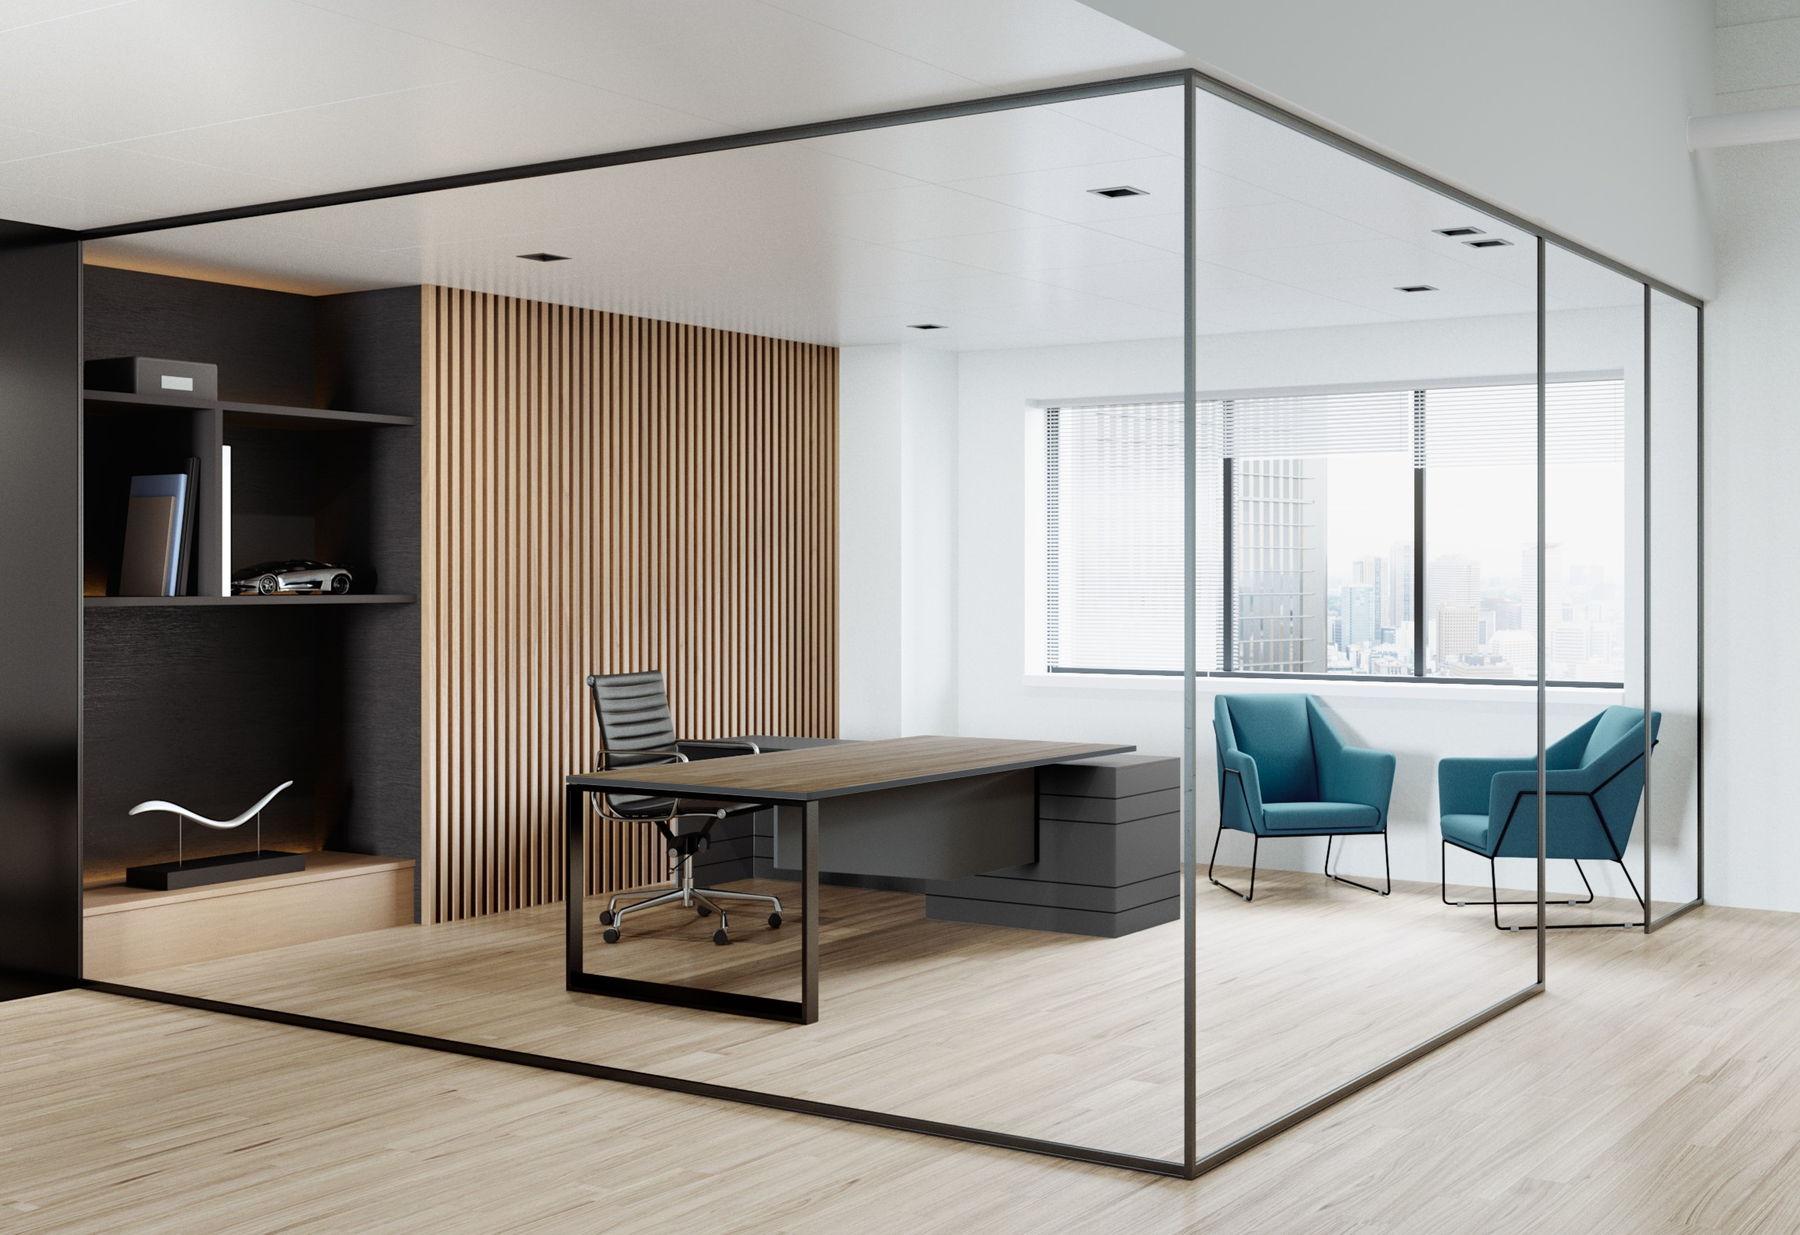 Office design partition by CI - KSA